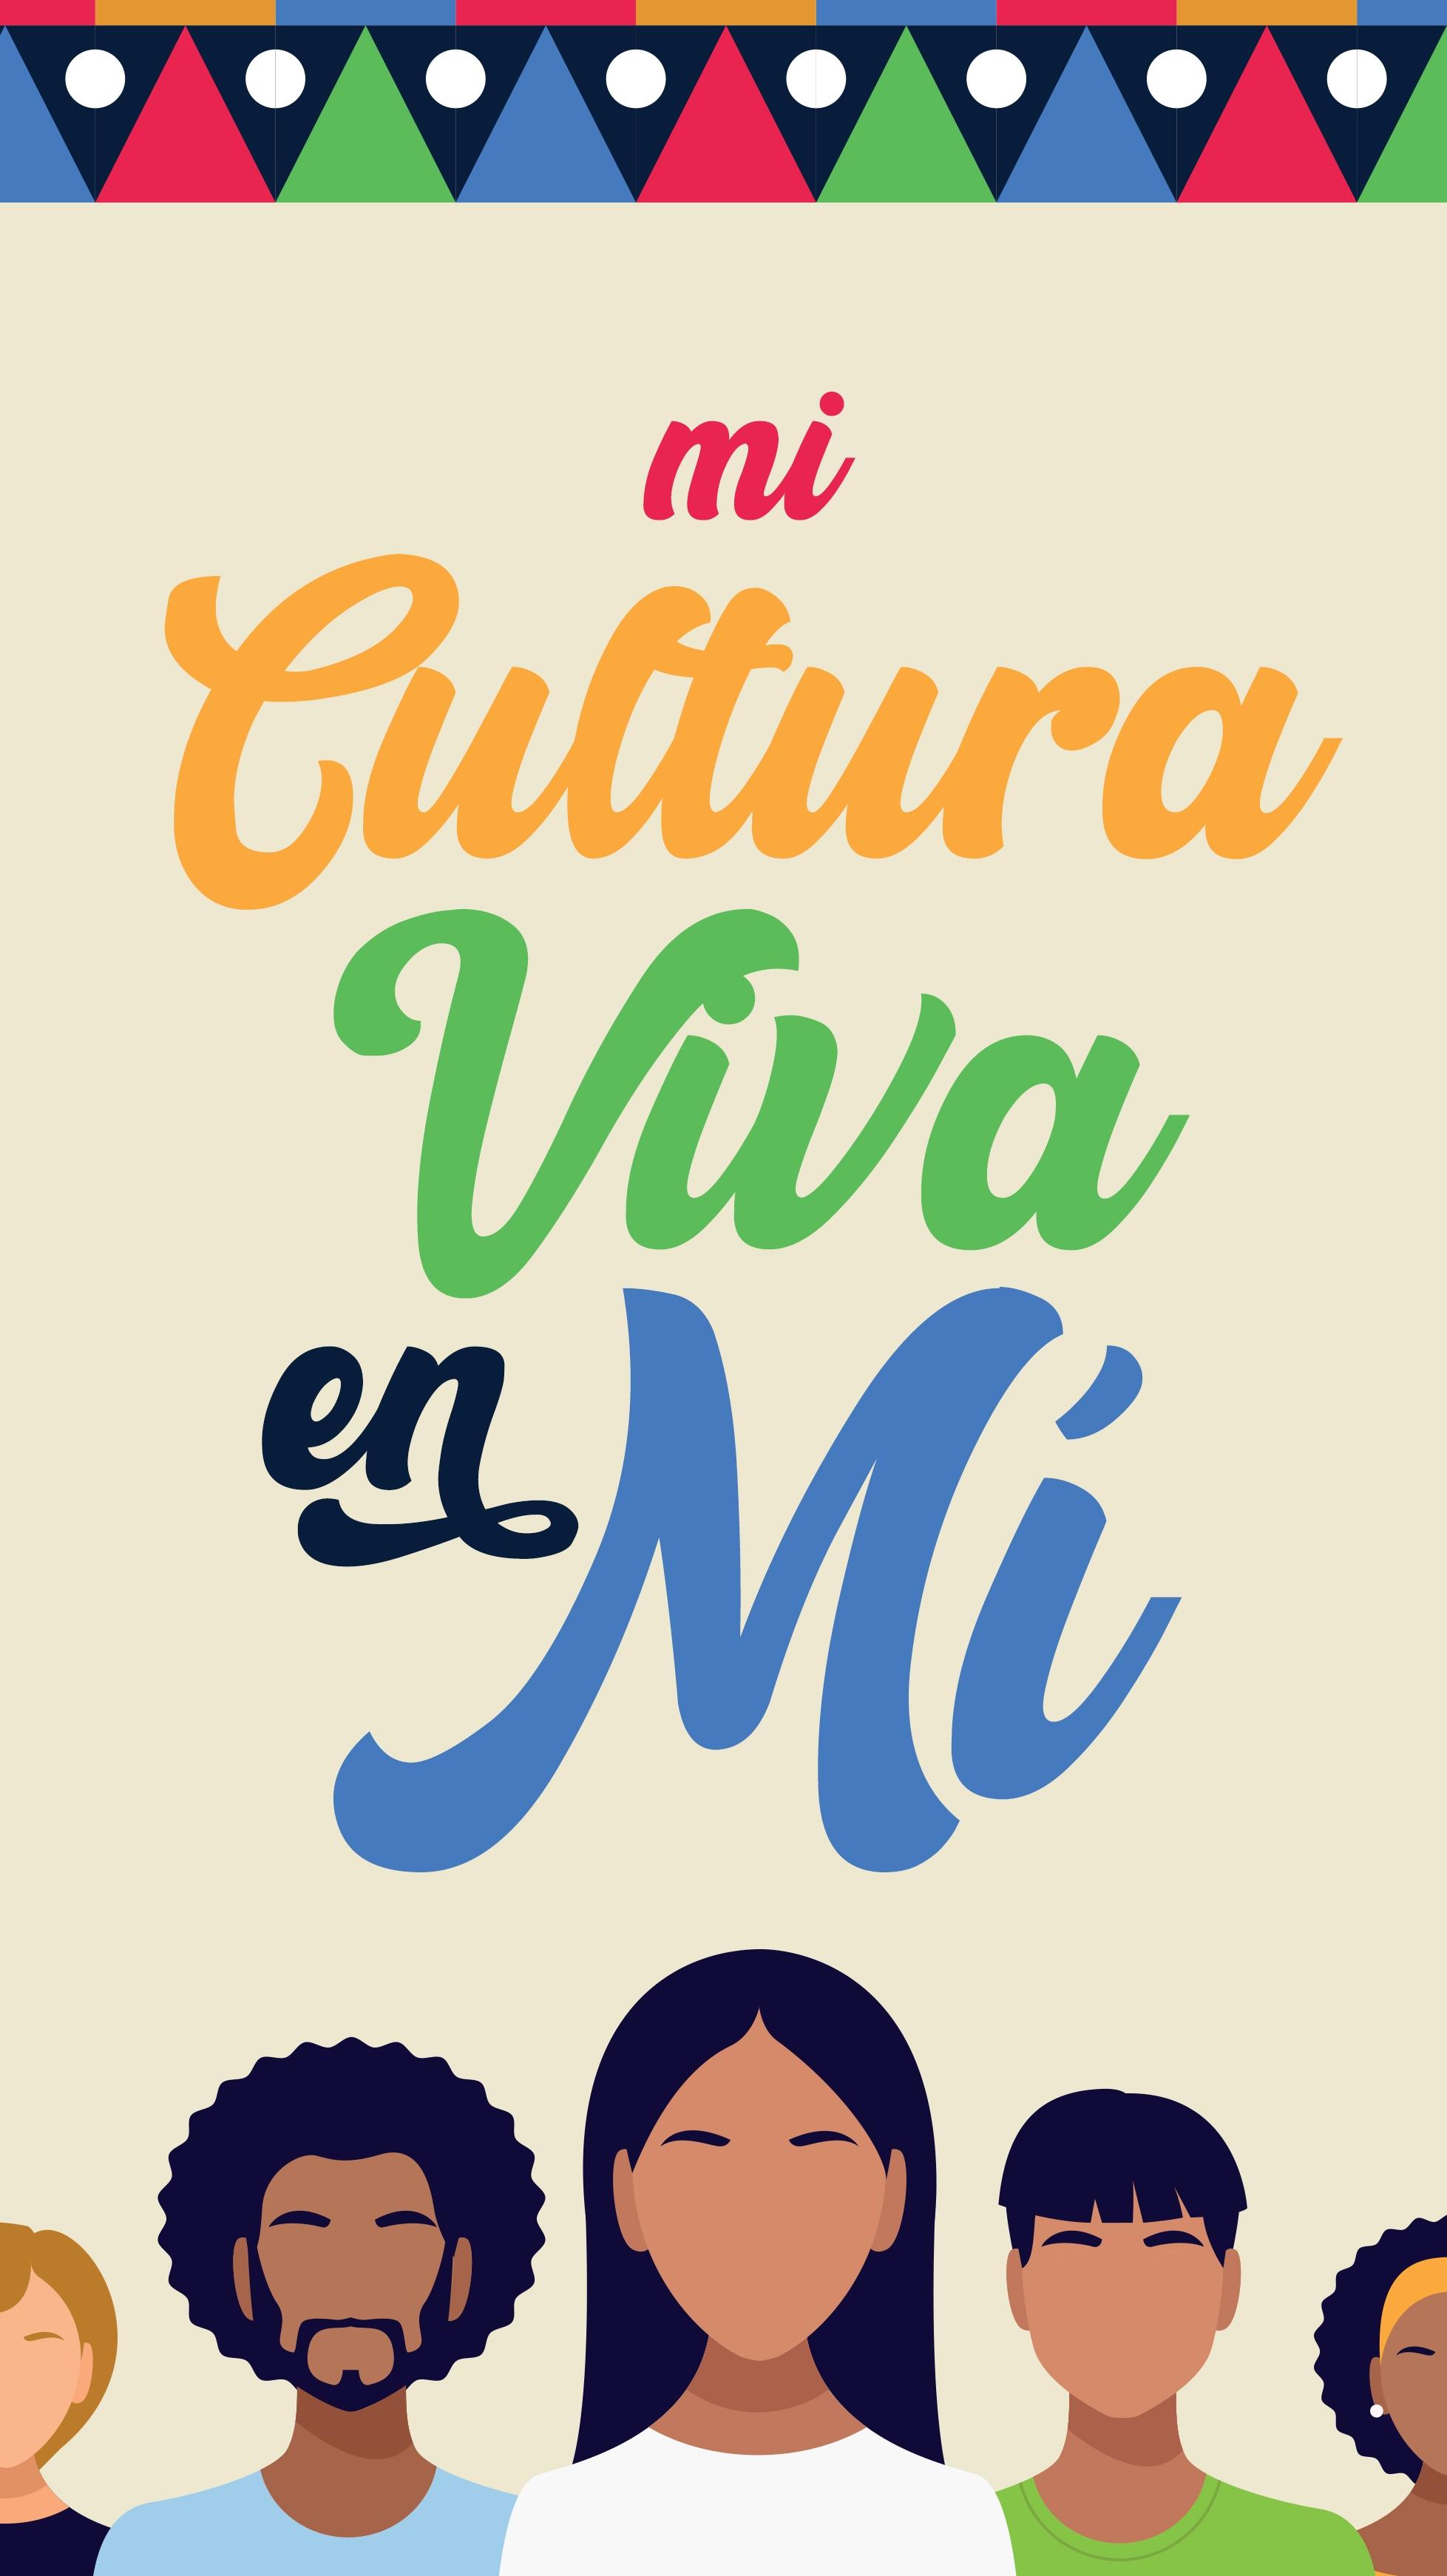 My Culture 1